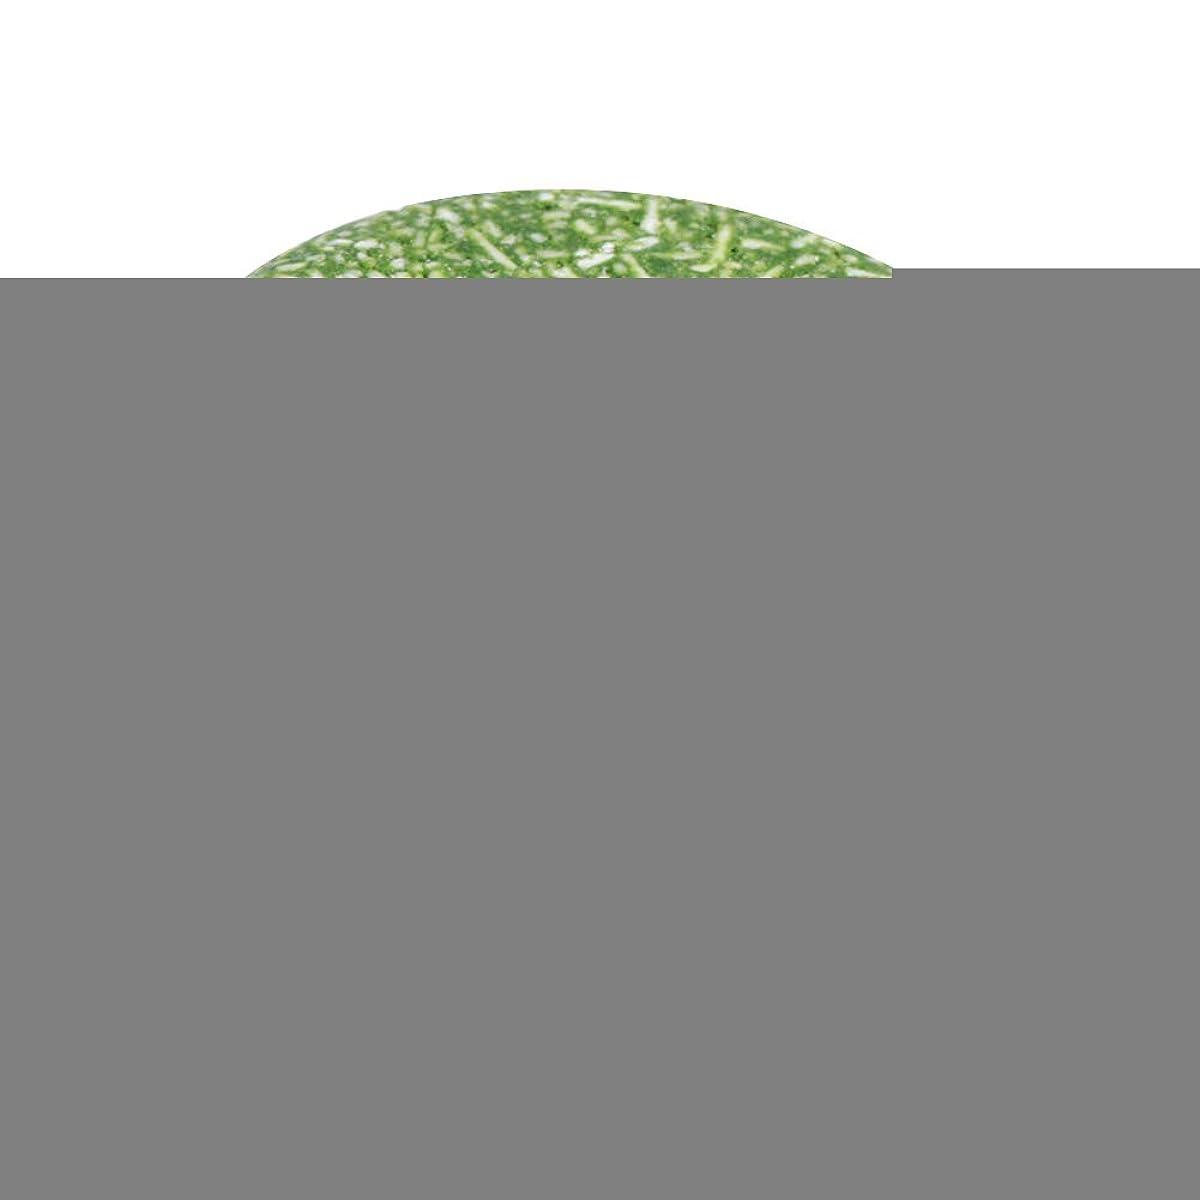 相互接続不和発信4色オーガニック手作りコールド加工シナモンシャンプーバー100%ピュアヘアシャンプー(緑)